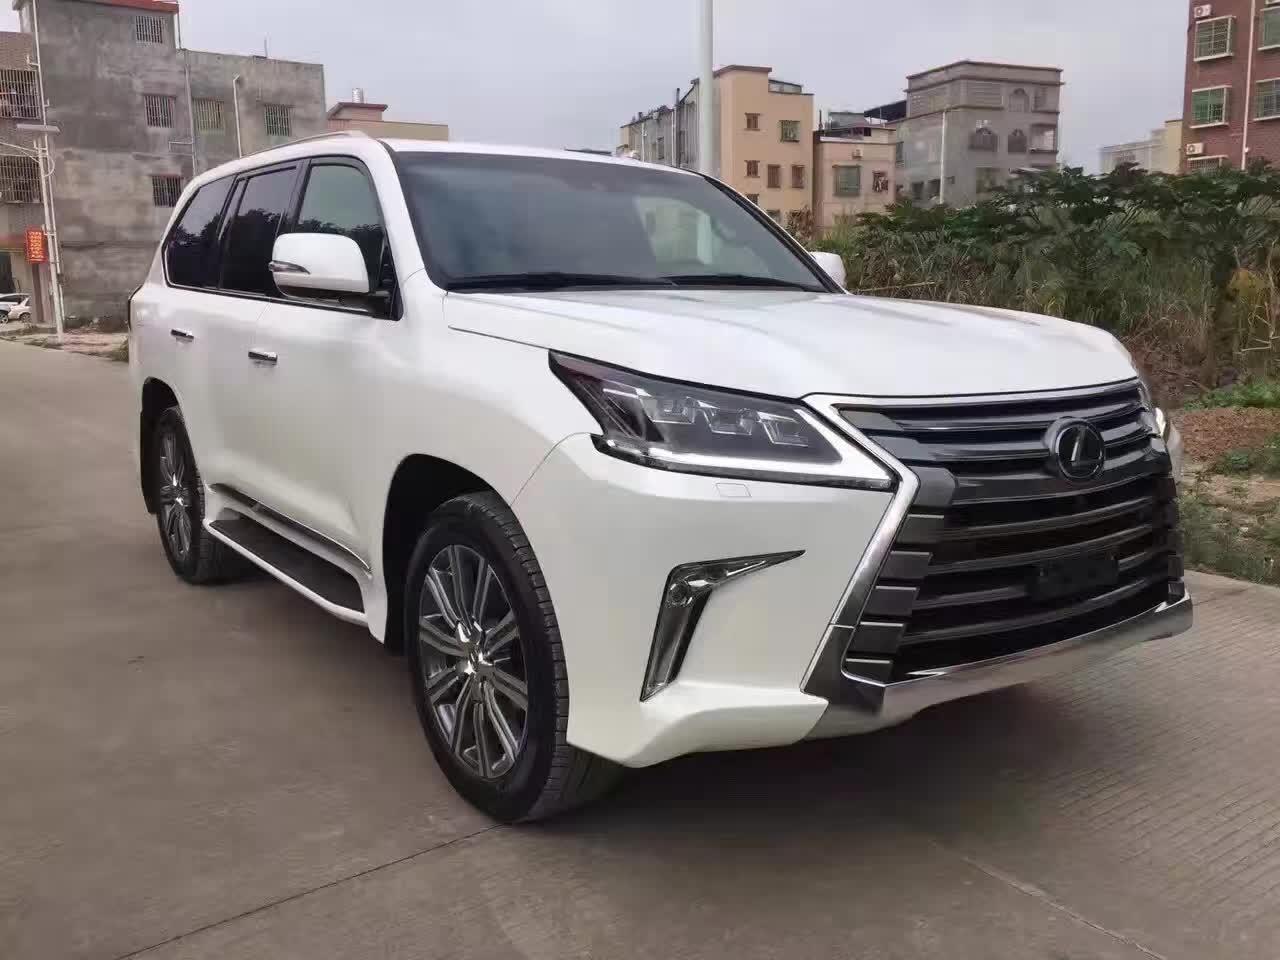 中国汽车网 二手车 二手越野车  【太原】凌志雷克萨斯lx570中东版